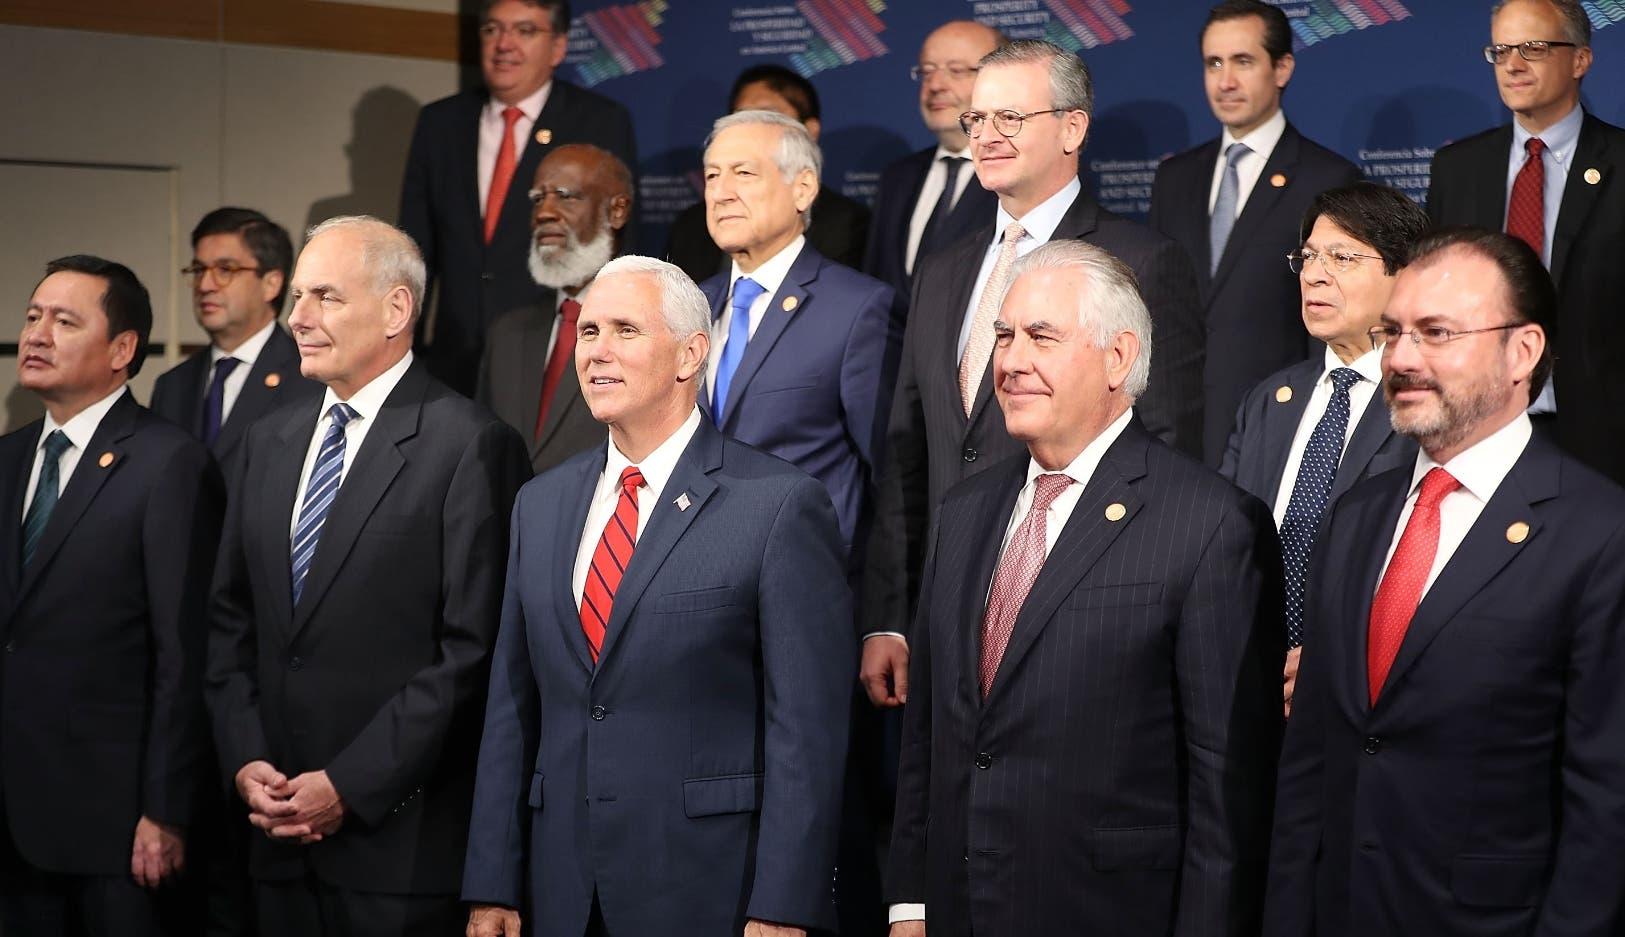 El vicepresidente Mike Pence se reunió con mandatarios y funcionarios de Guatemala, Honduras, El Salvador y México.